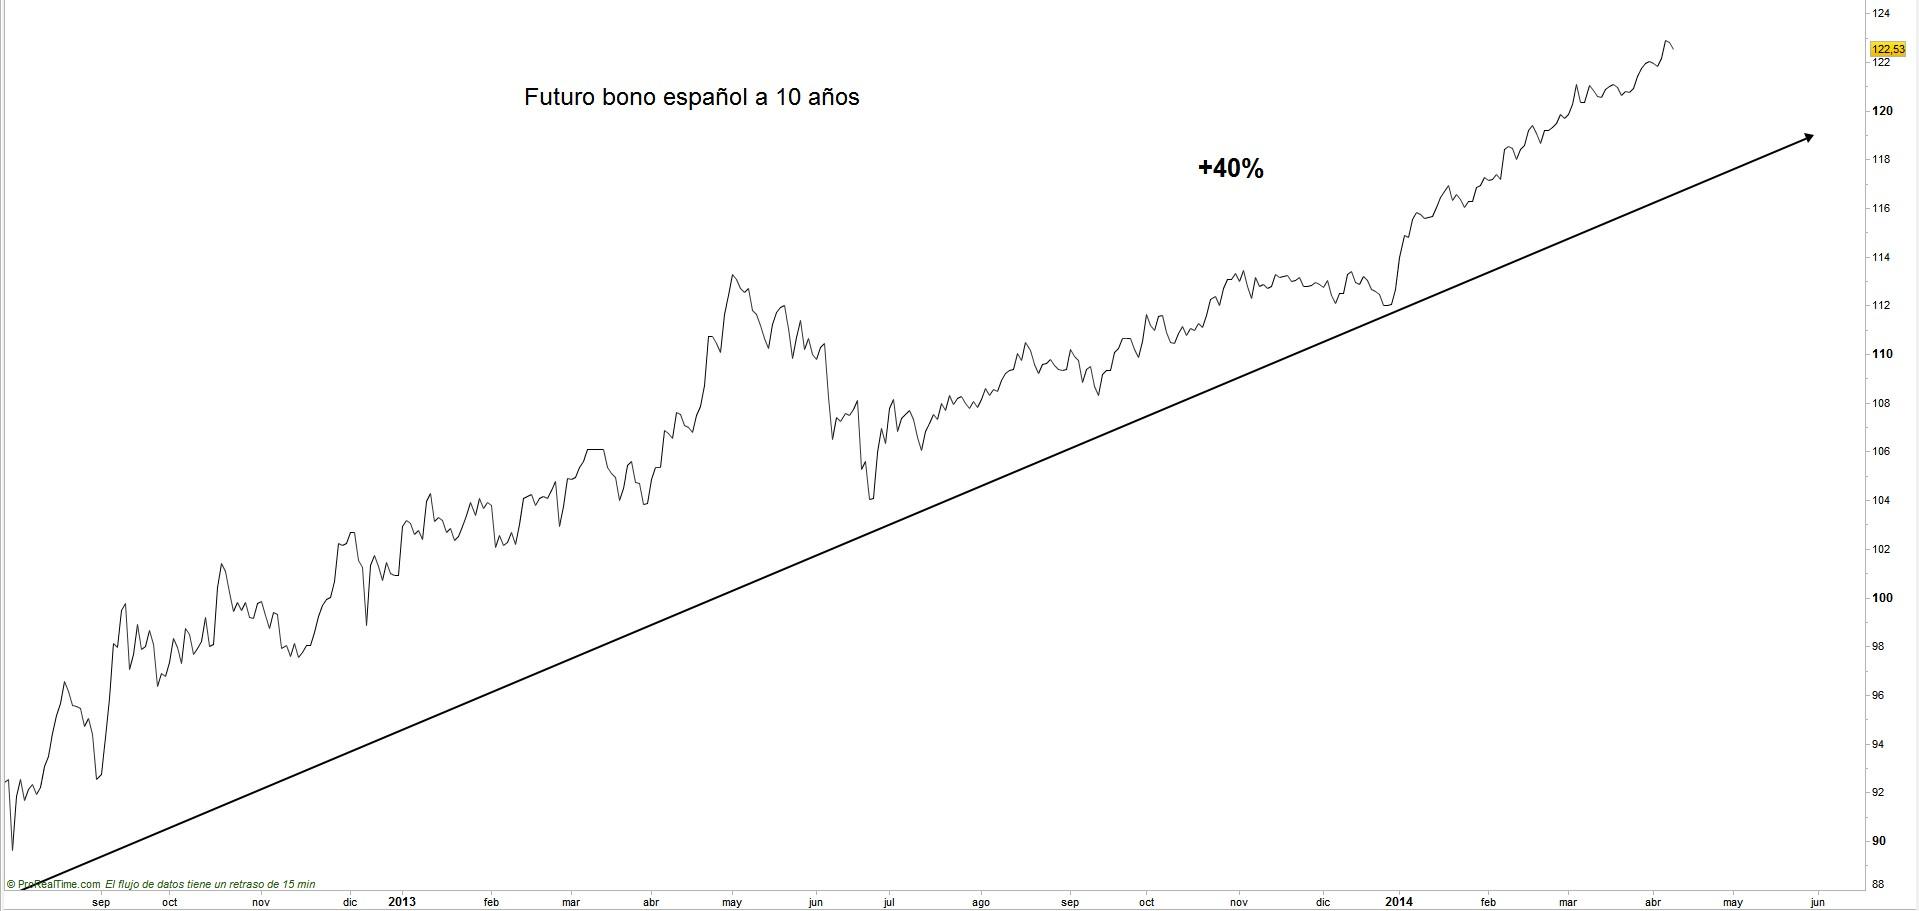 Precio bono español a 10 años